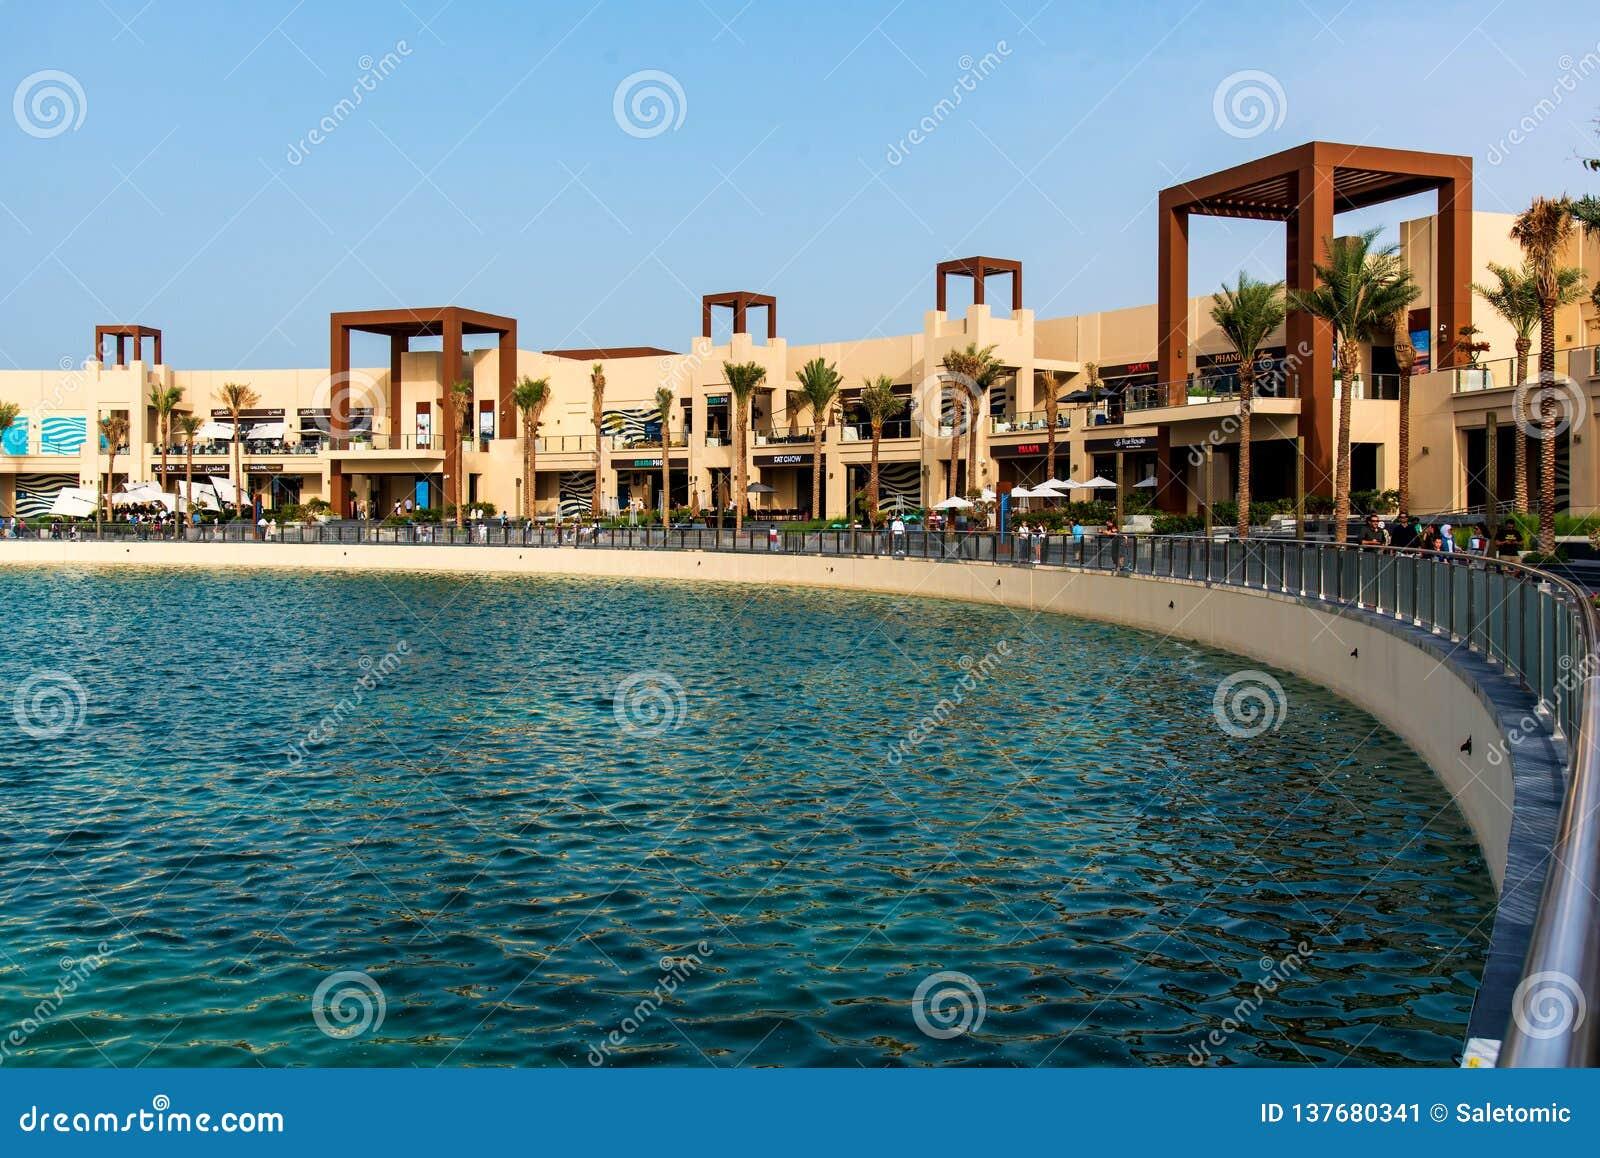 迪拜,阿拉伯联合酋长国- 2019年1月25日:在朱美拉棕榈岛的Pointe江边用餐和娱乐目的地